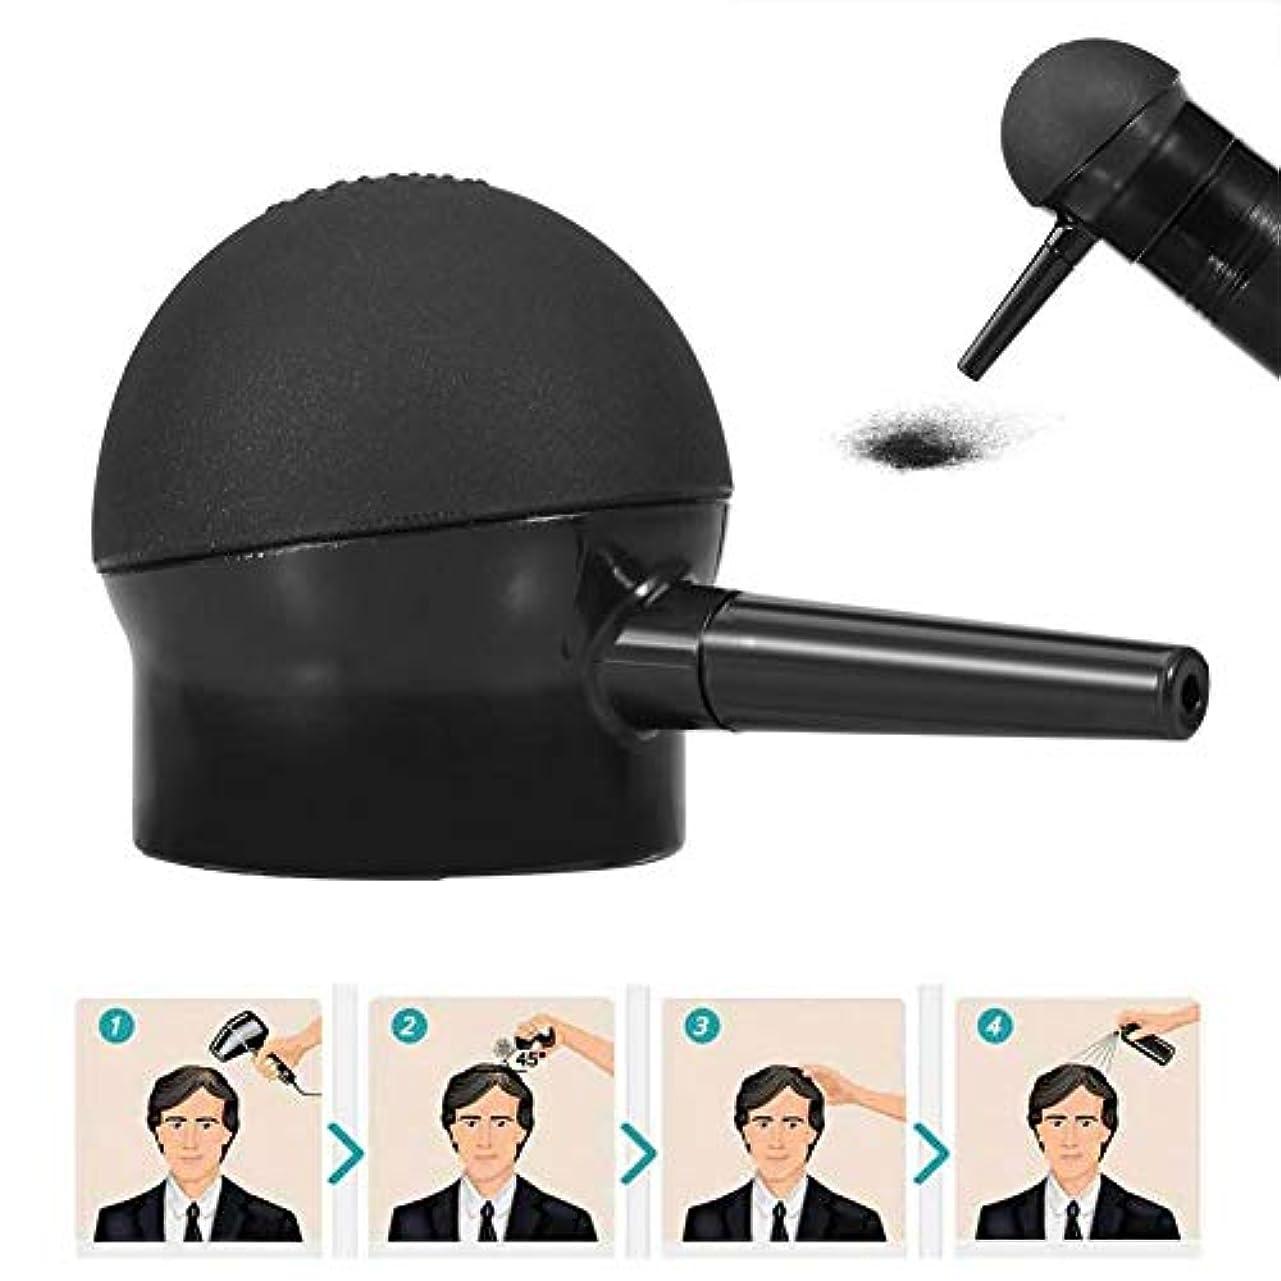 コントロール動かすゆりかごヘアー 噴霧器、スプレー、アプリケーションヘア、ビルディング、ファイバー用ノズル、ヘア シックニング ツール